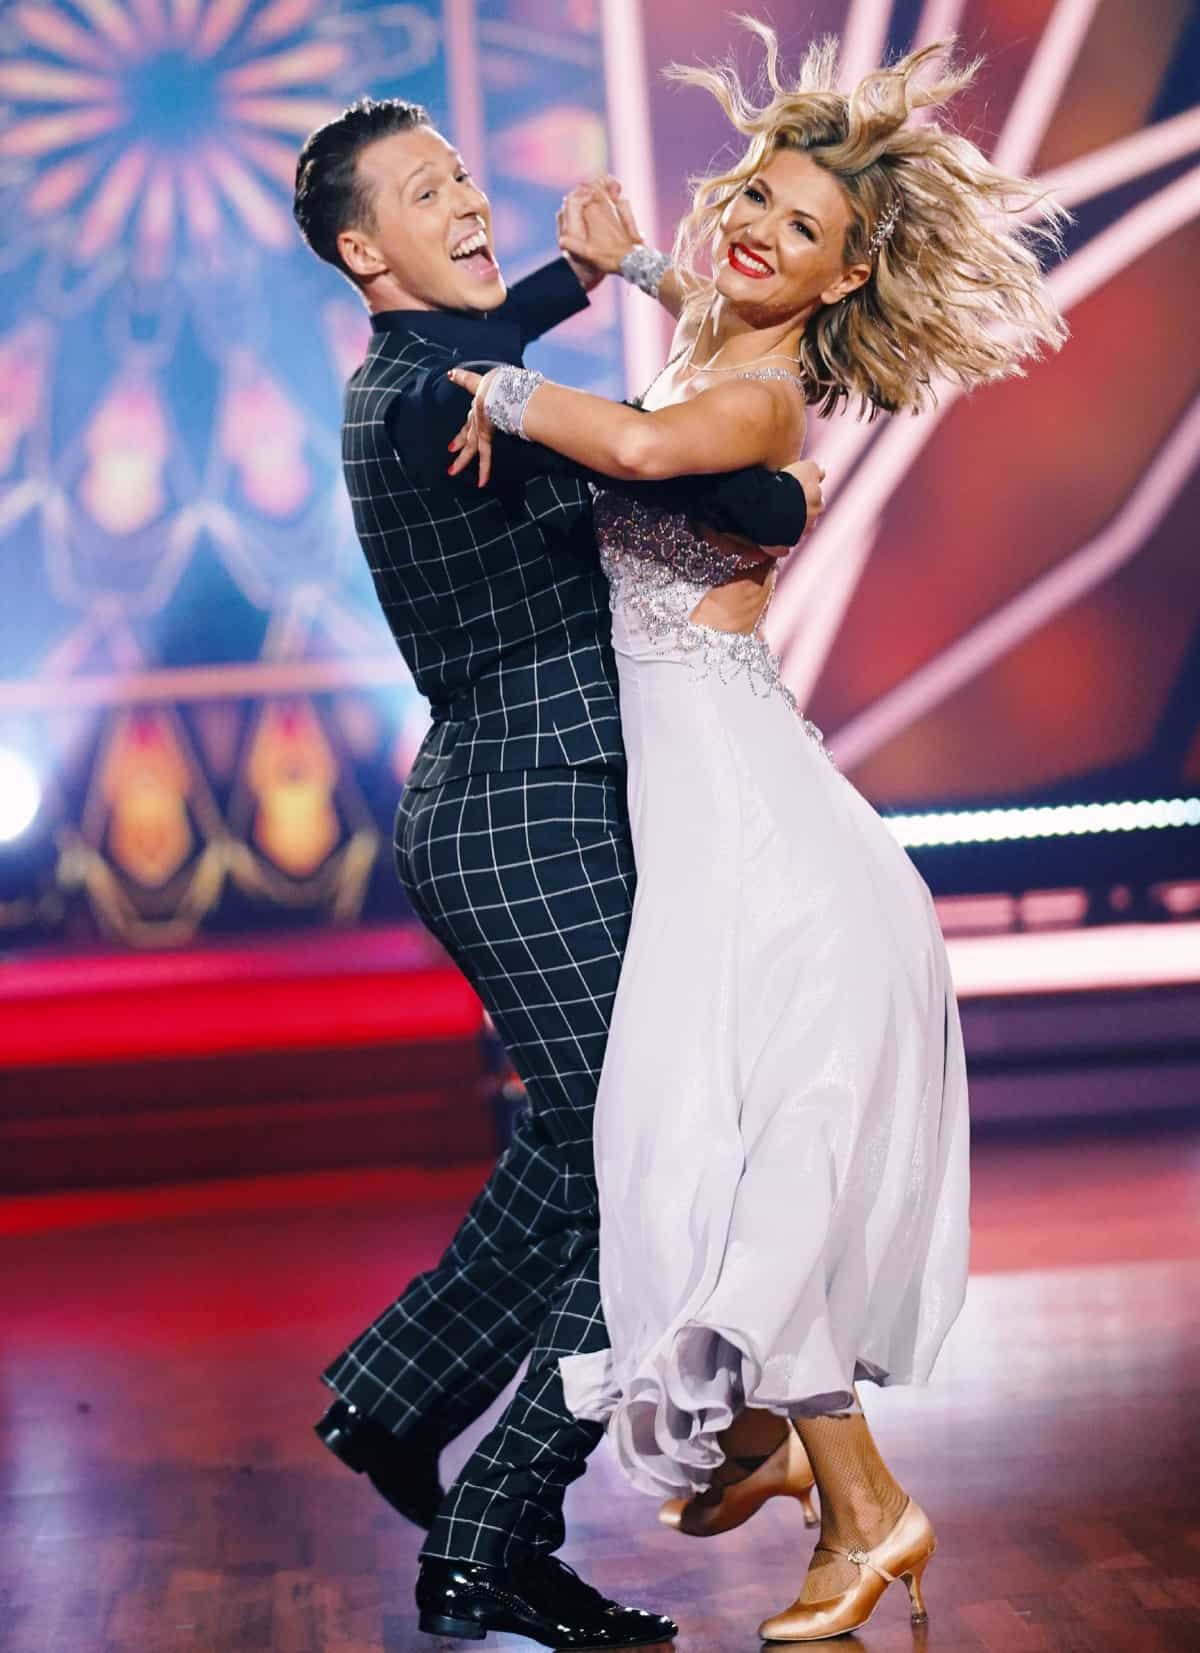 Valentin Lusin - Ella Endlich im Finale Let's dance 2019 am 14.6.2019